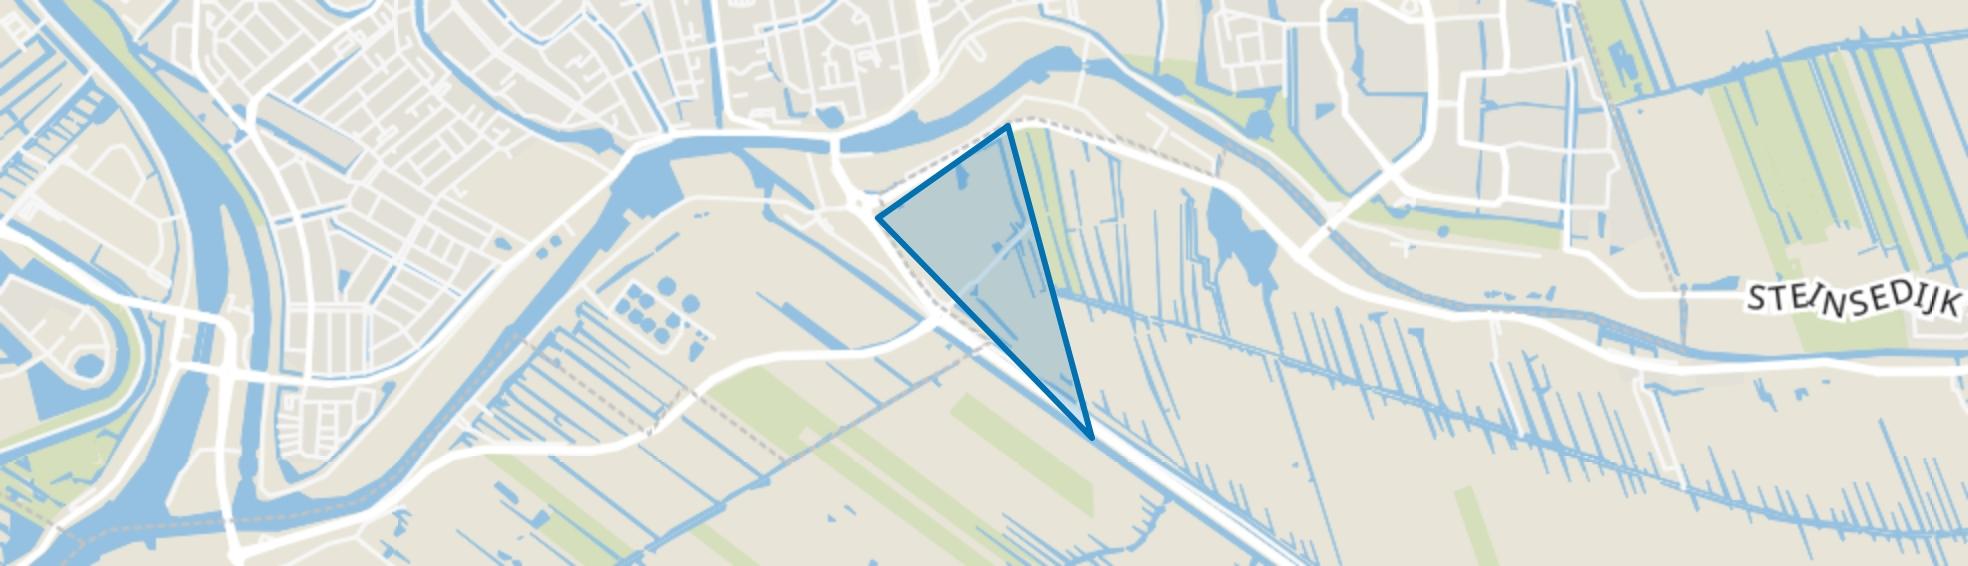 Stolwijkersluis (ged.), Haastrecht map